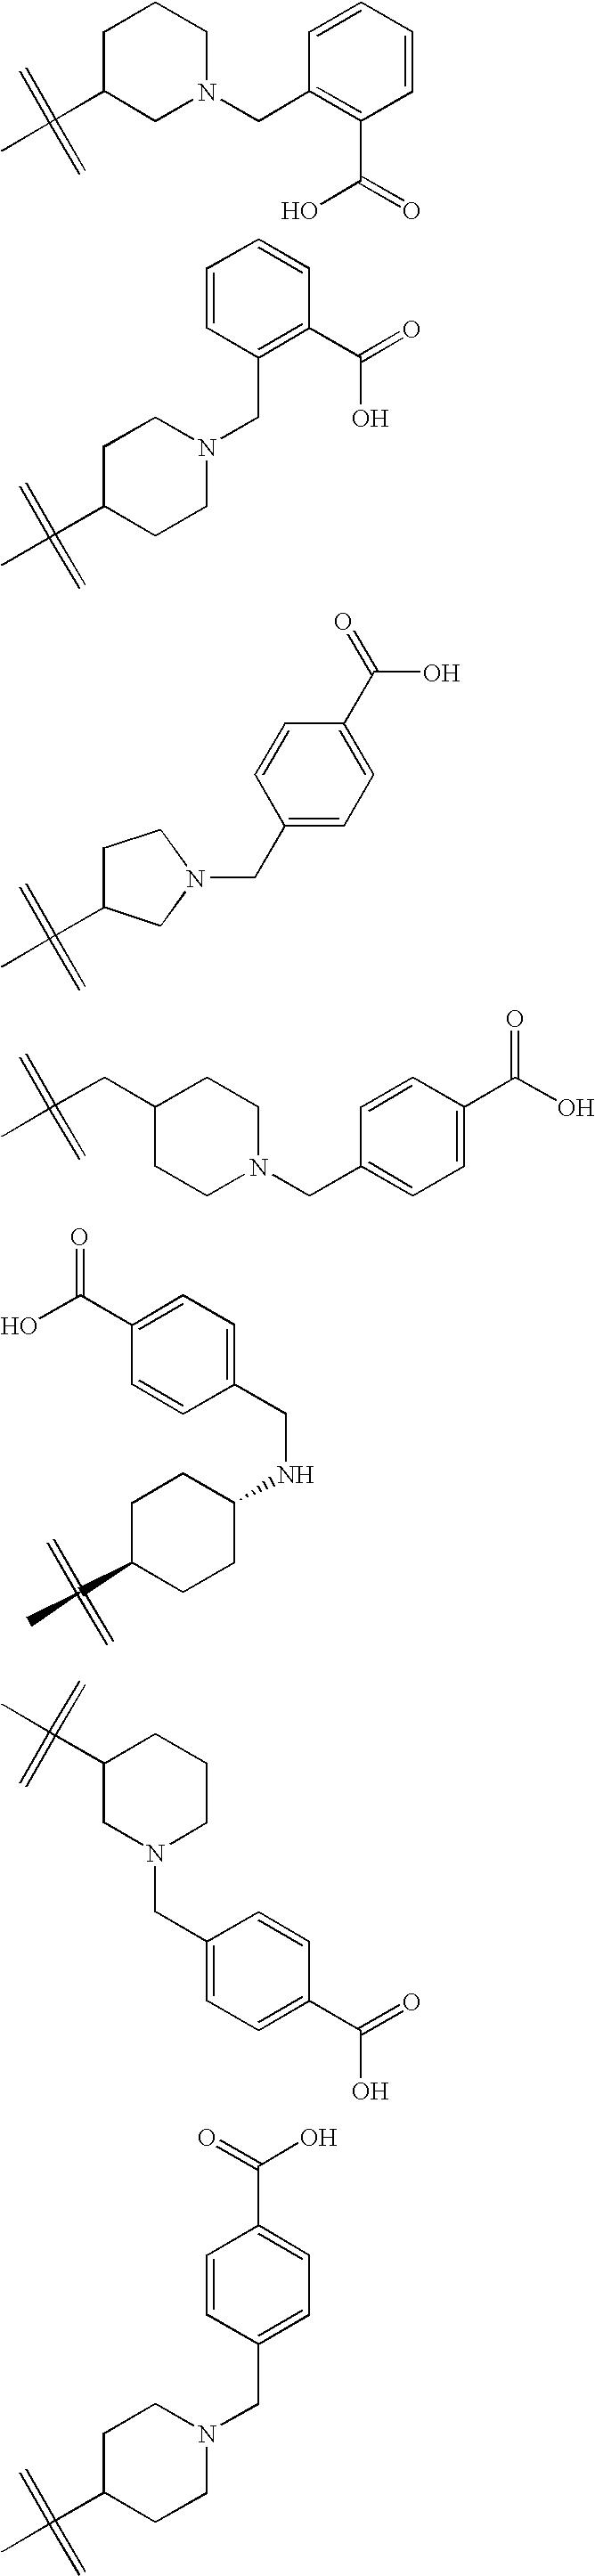 Figure US20070049593A1-20070301-C00108